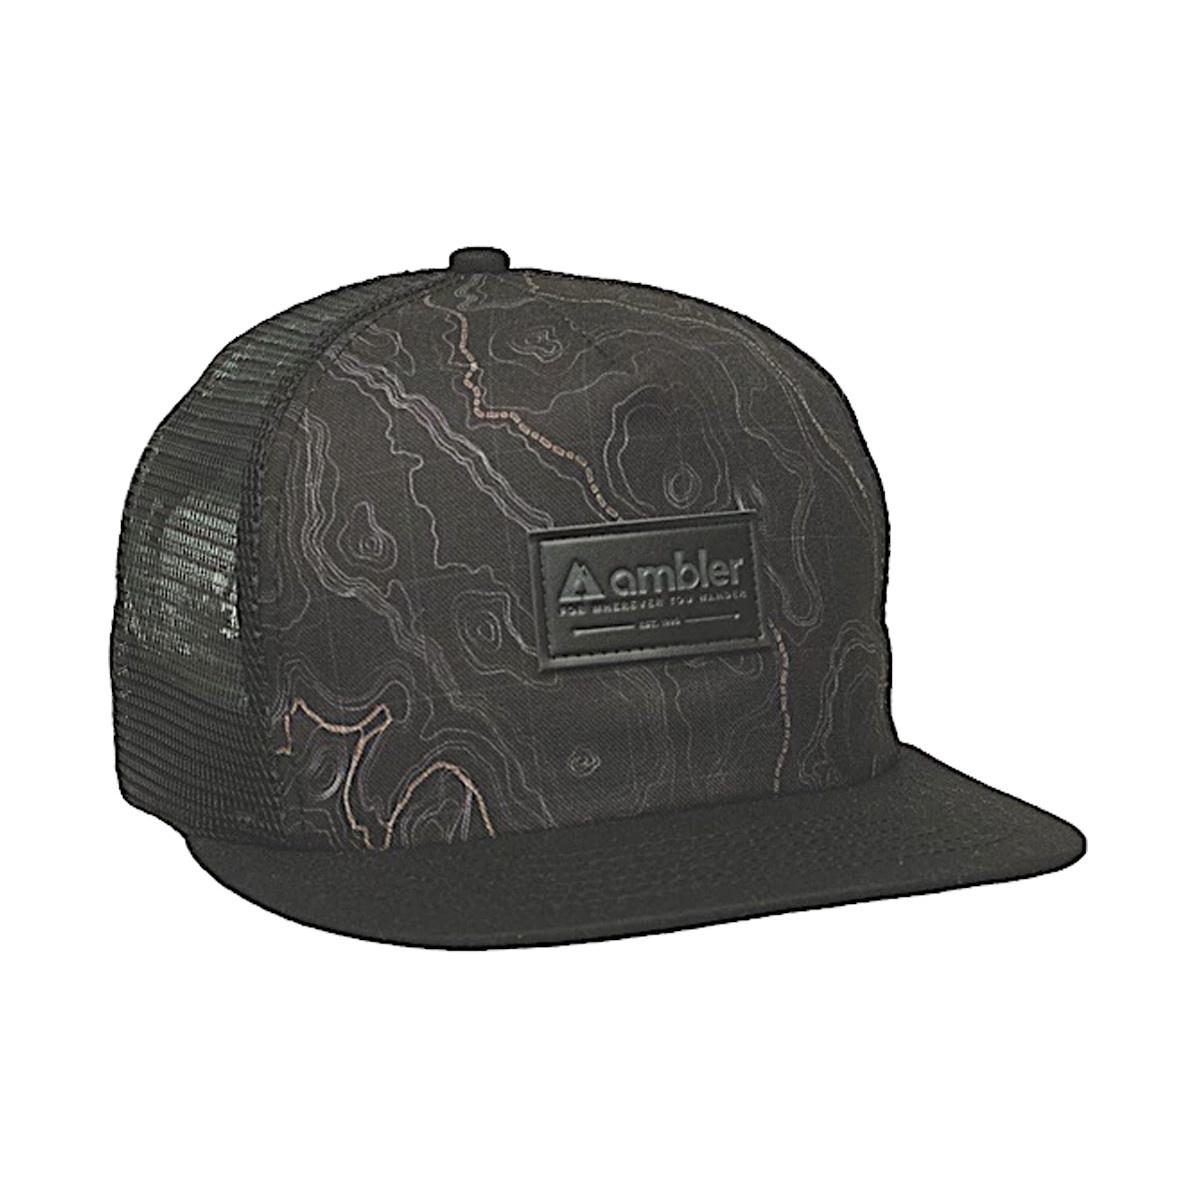 Ambler Adult Hat Contour